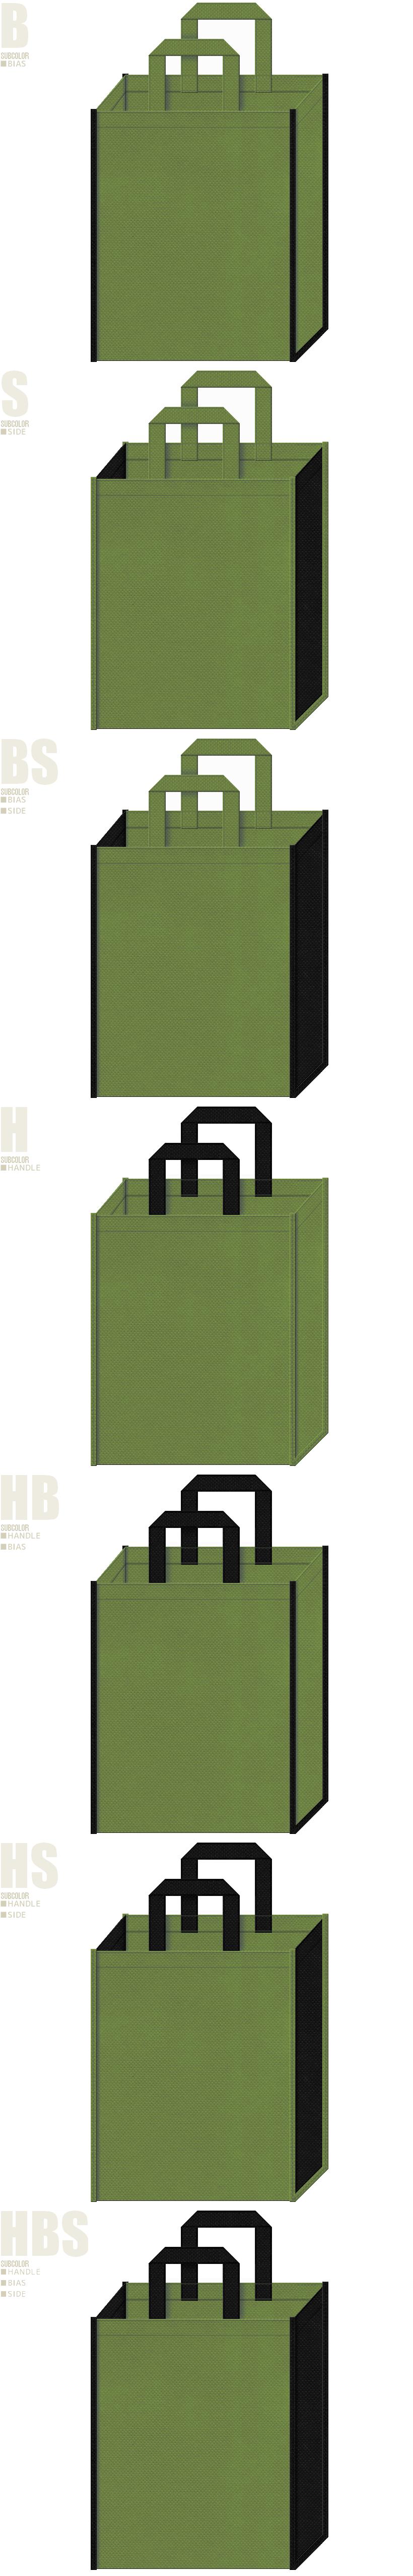 瓦・武道・剣道・書道・水墨画・和風催事・お城イベントにお奨めの不織布バッグデザイン:草色と黒色の配色7パターン